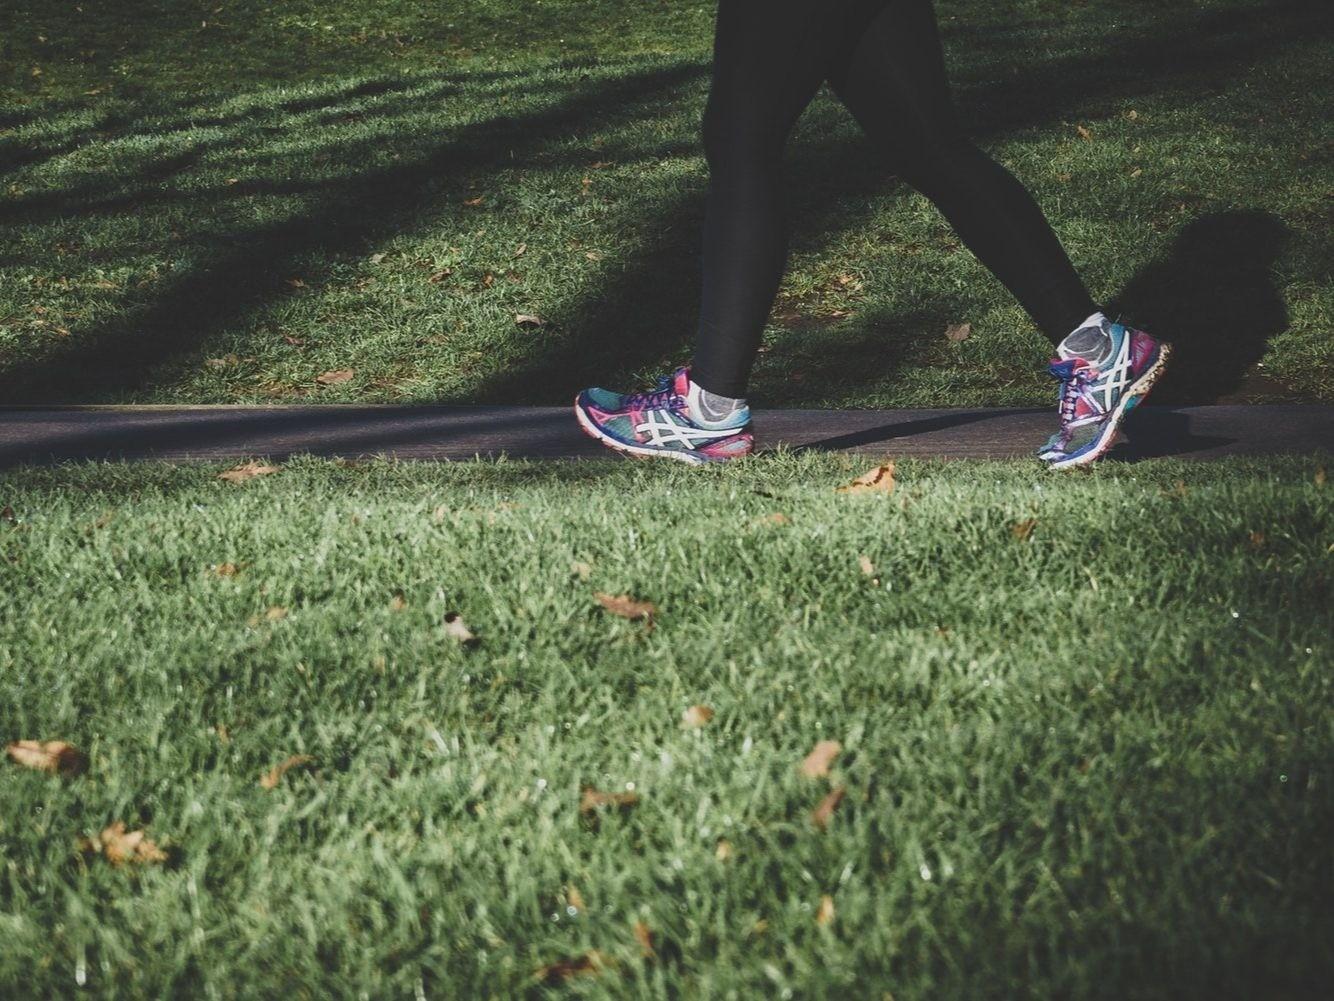 ▲專家證實:走路用這個方法多消耗20%熱量。(圖/翻攝自unsplash)